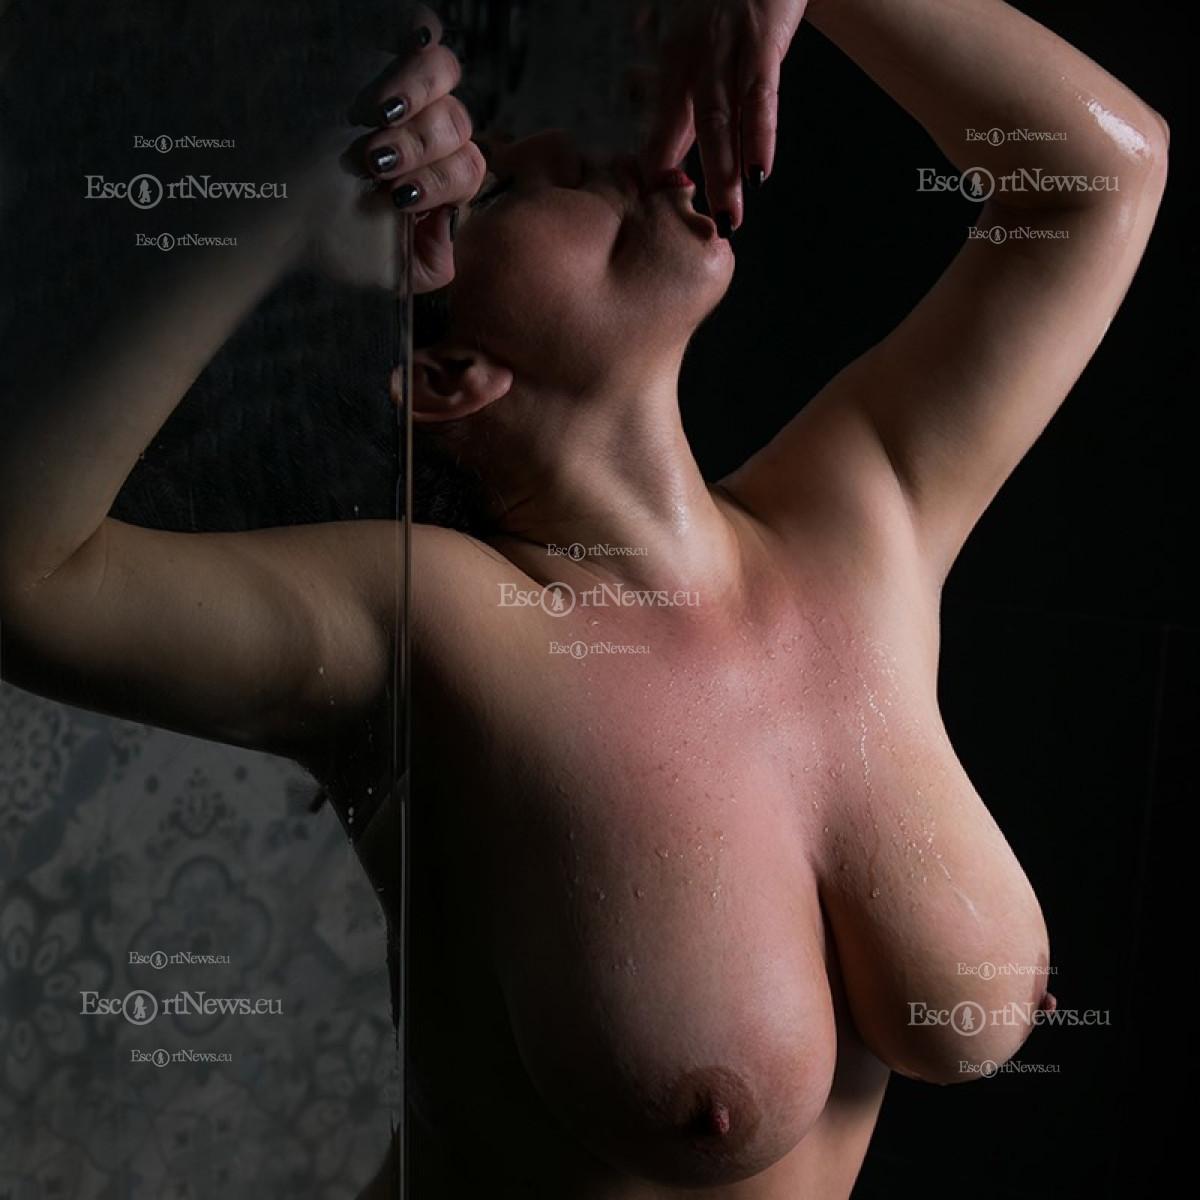 η Σόνια γουόλγκερ πίπα κινούμενα σχέδια πορνό λατέξ